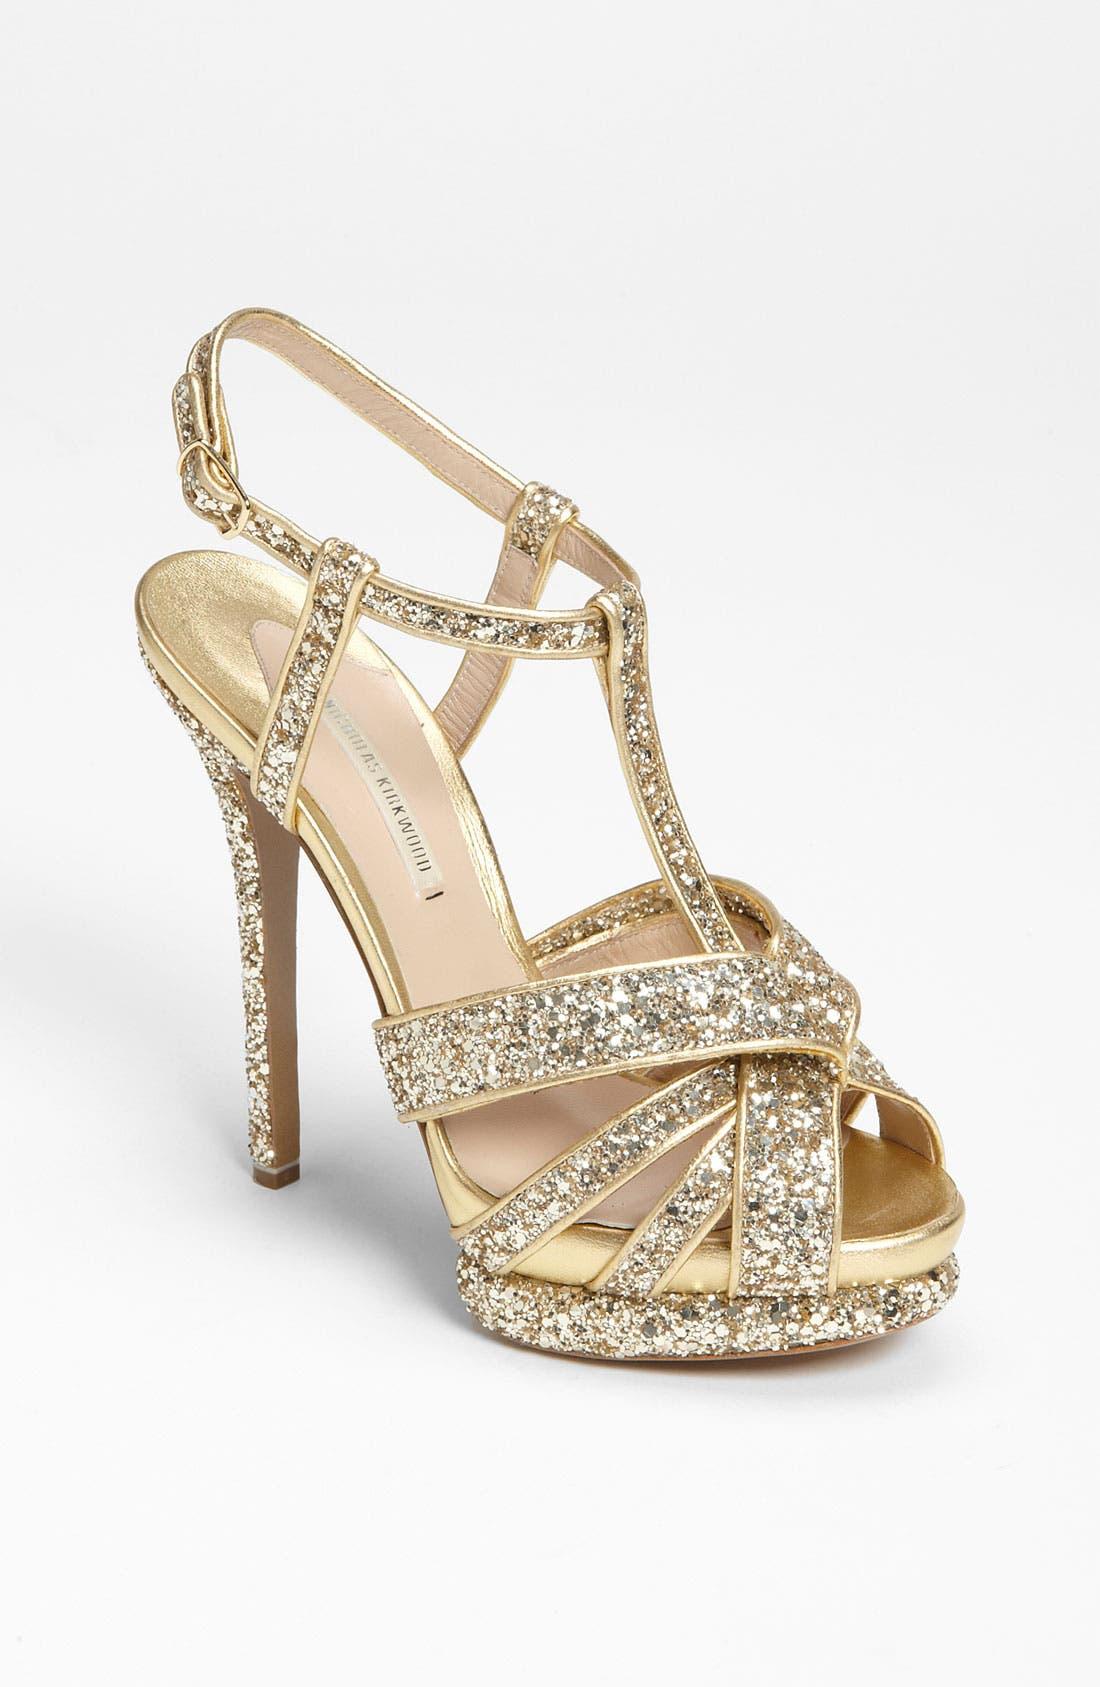 Main Image - Nicholas Kirkwood Glitter Sandal